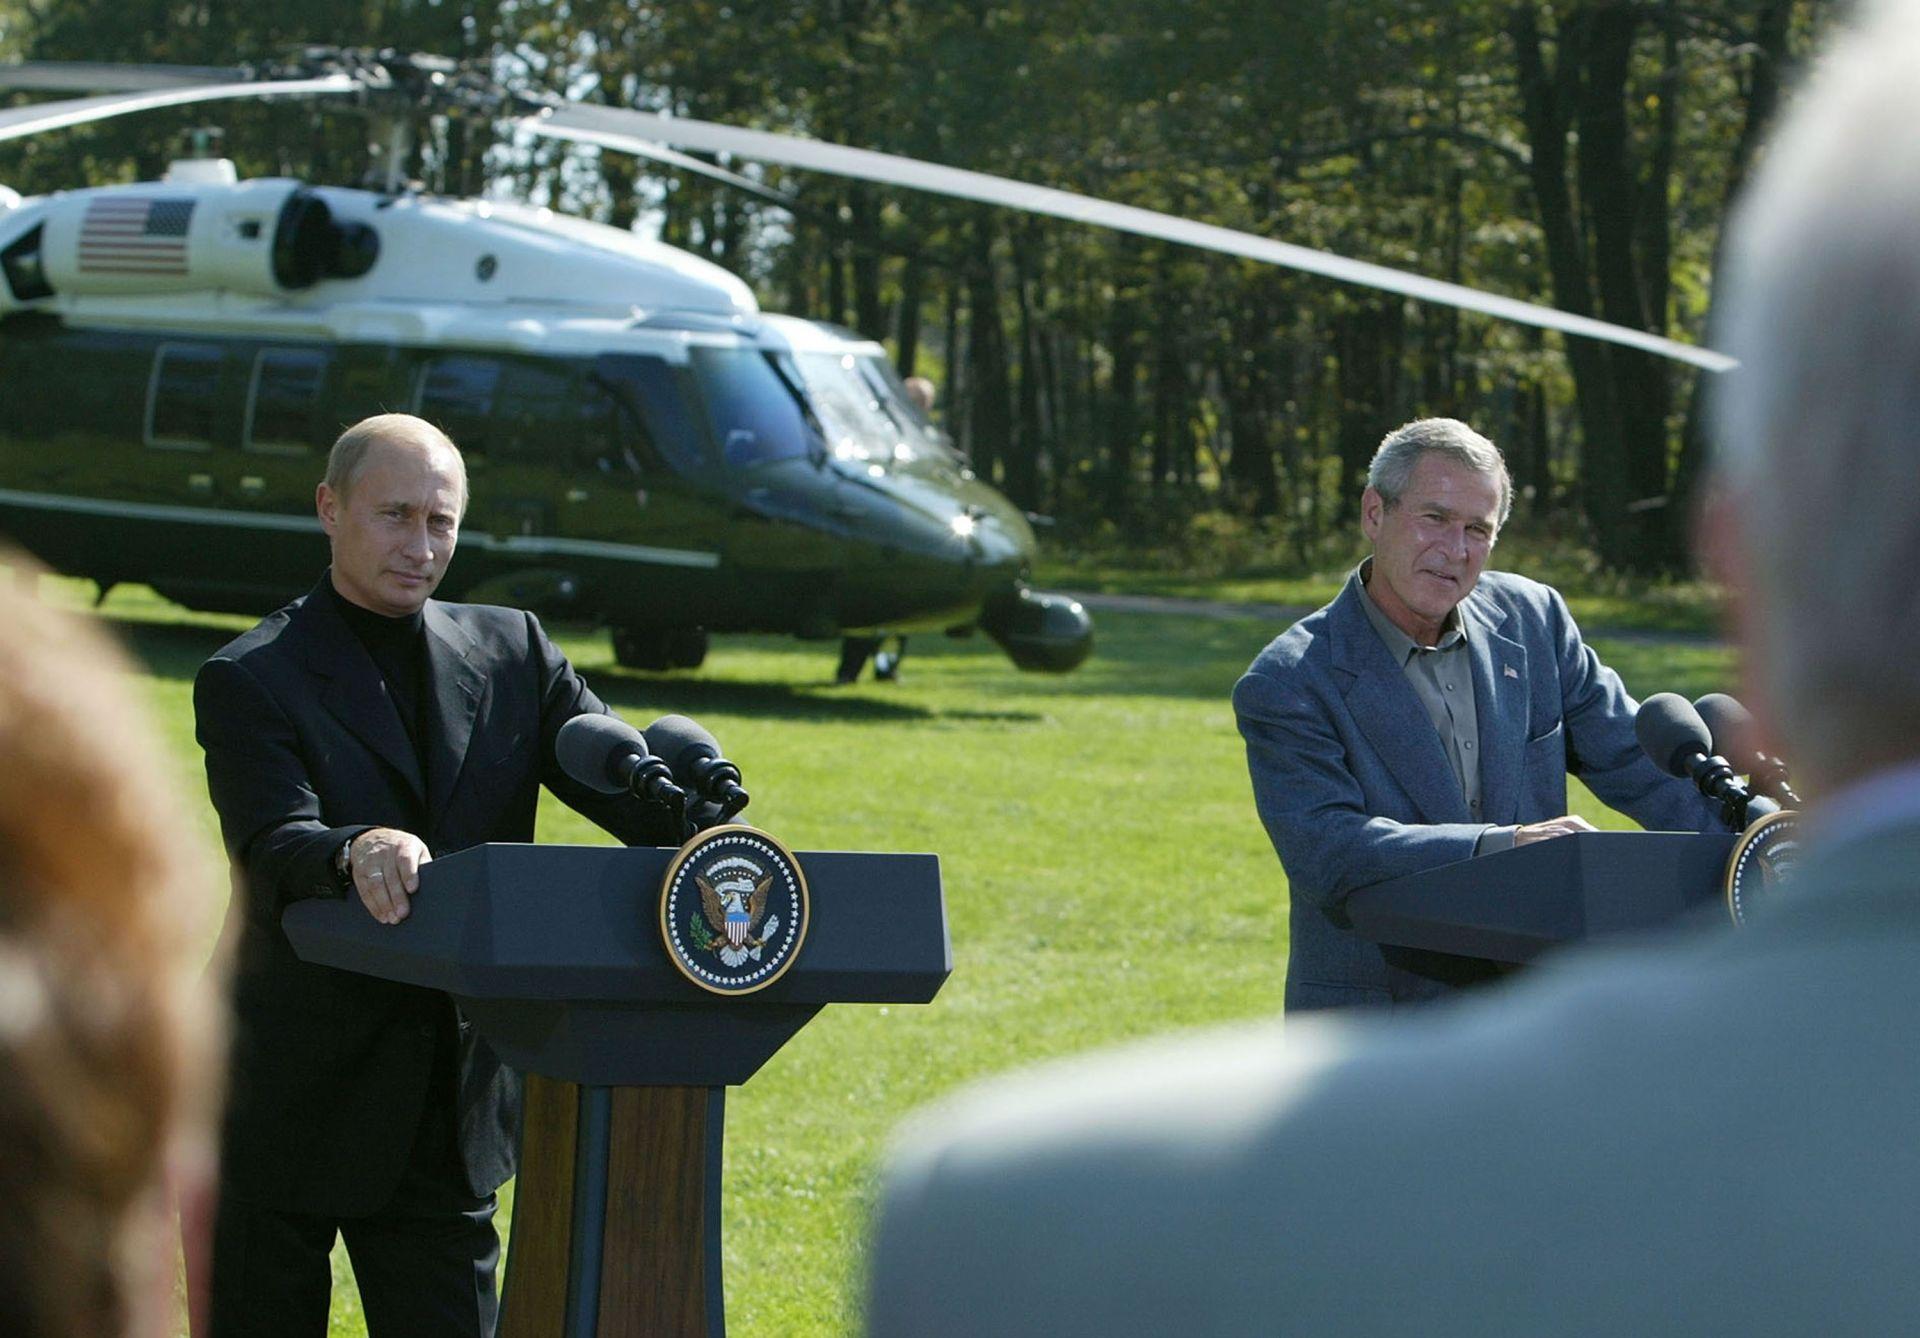 27 септември 2003 г. - Джордж Уокър Буш казва на руски репортер, че може да зададе само един въпрос по време на пресконференция с Владимир Путин в Кемп Дейвид, Мериленд.